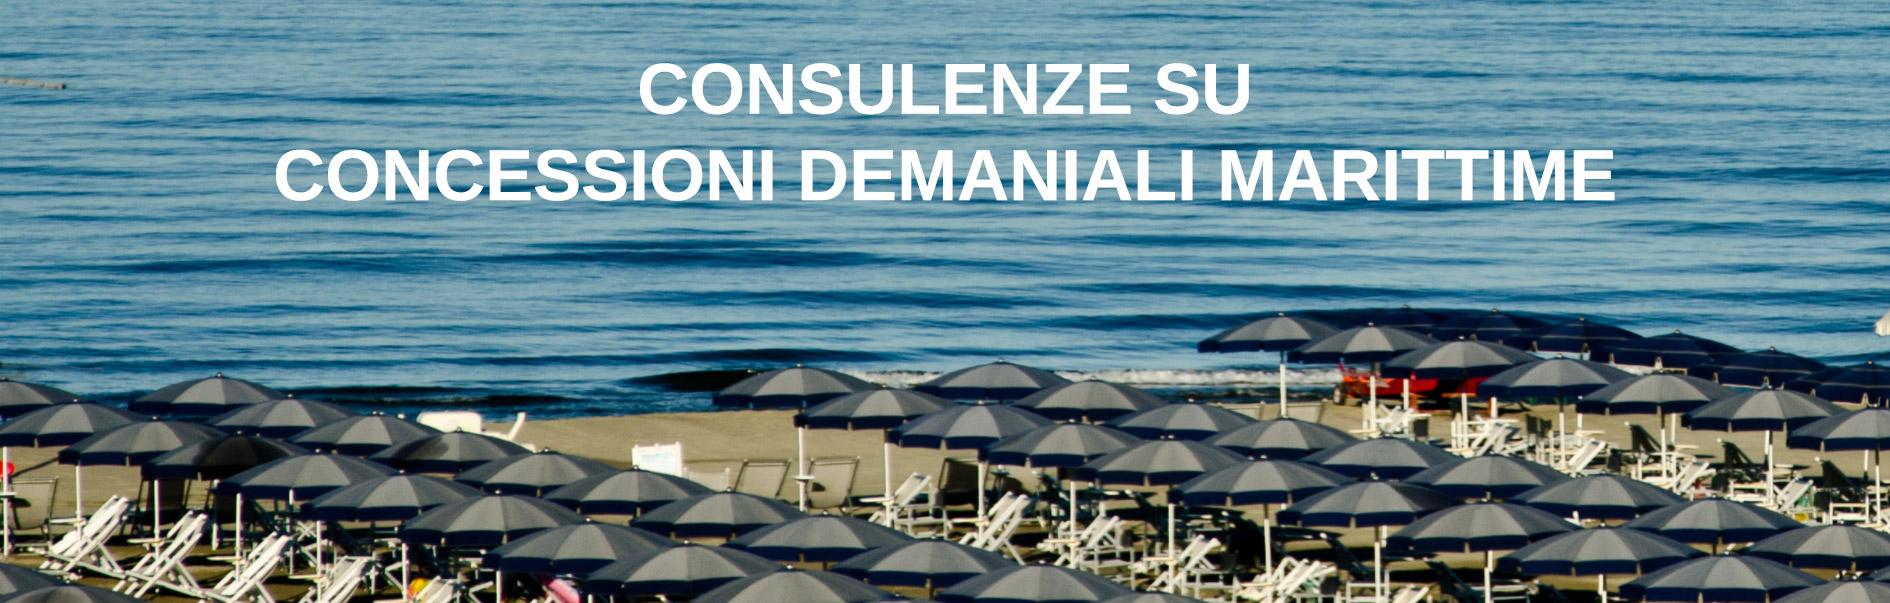 consulenze concessioni demanio marittimo